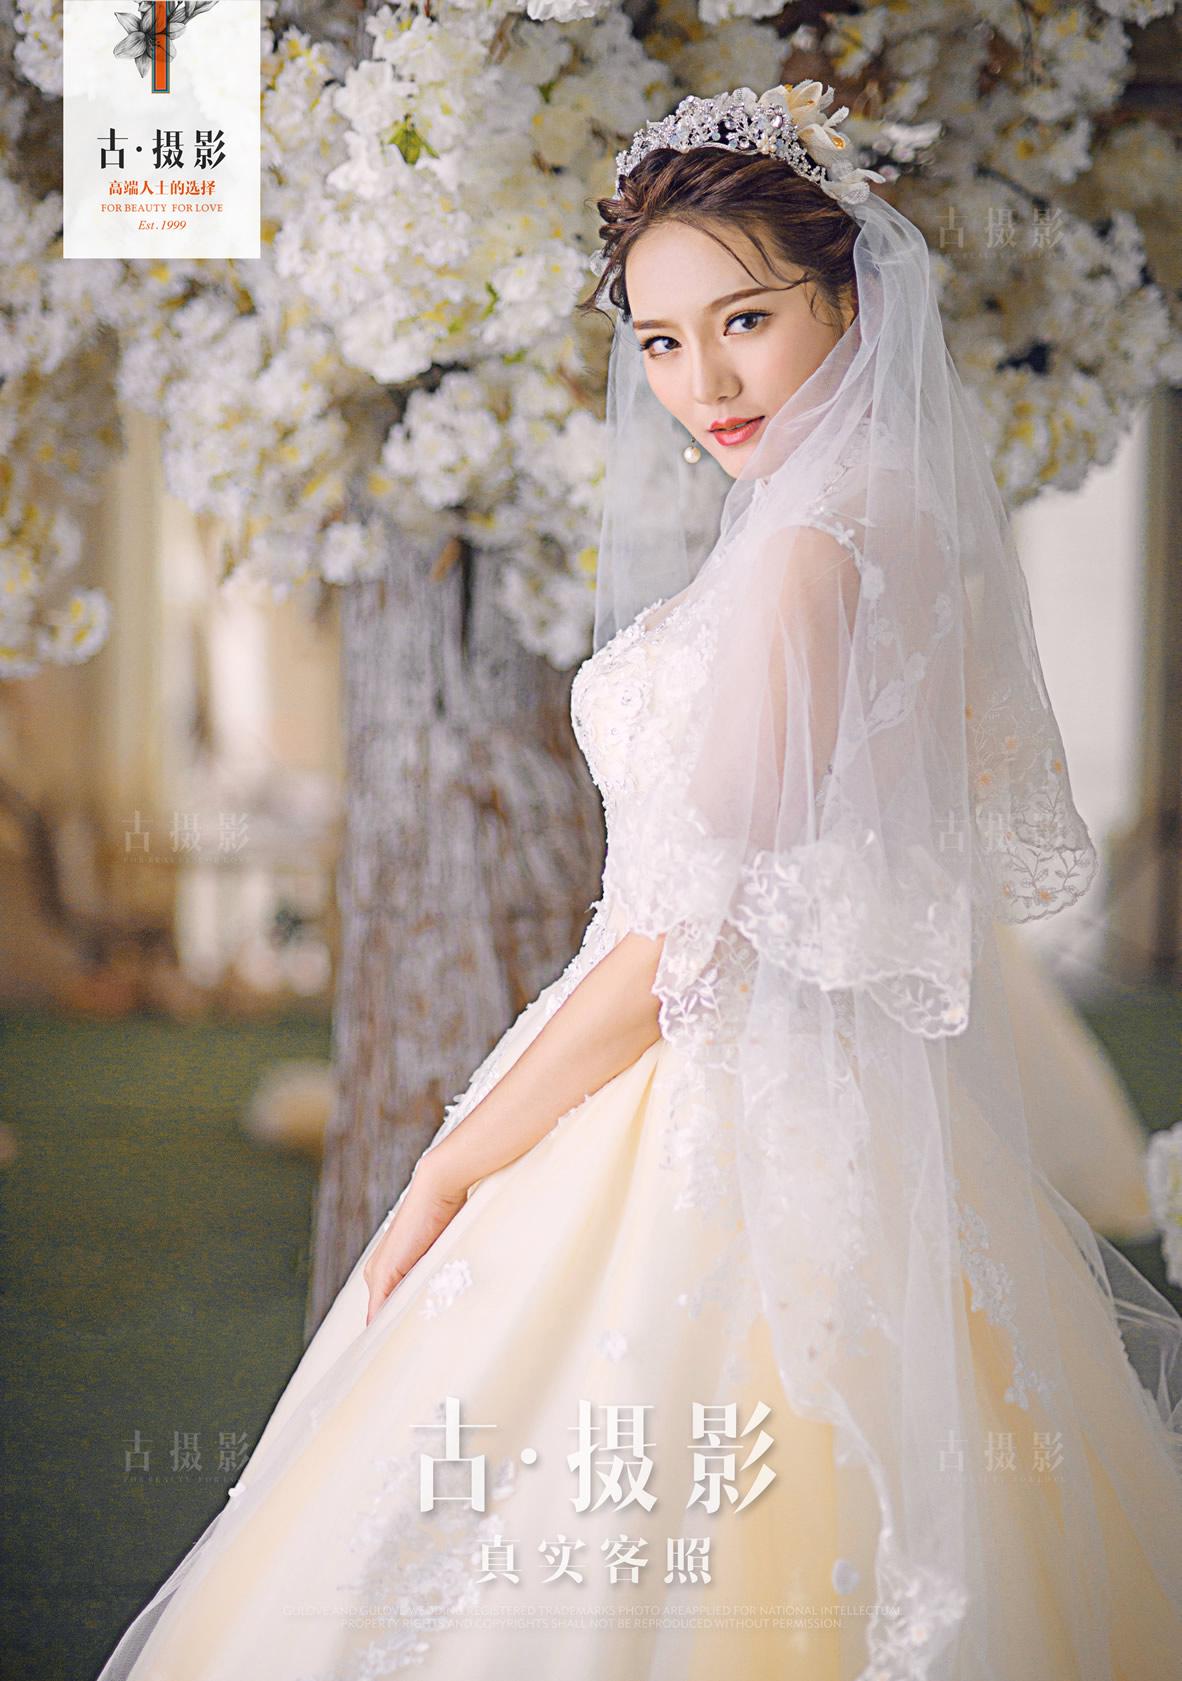 5月16日客片鲍先生 任小姐 - 每日客照 - 广州婚纱摄影-广州古摄影官网